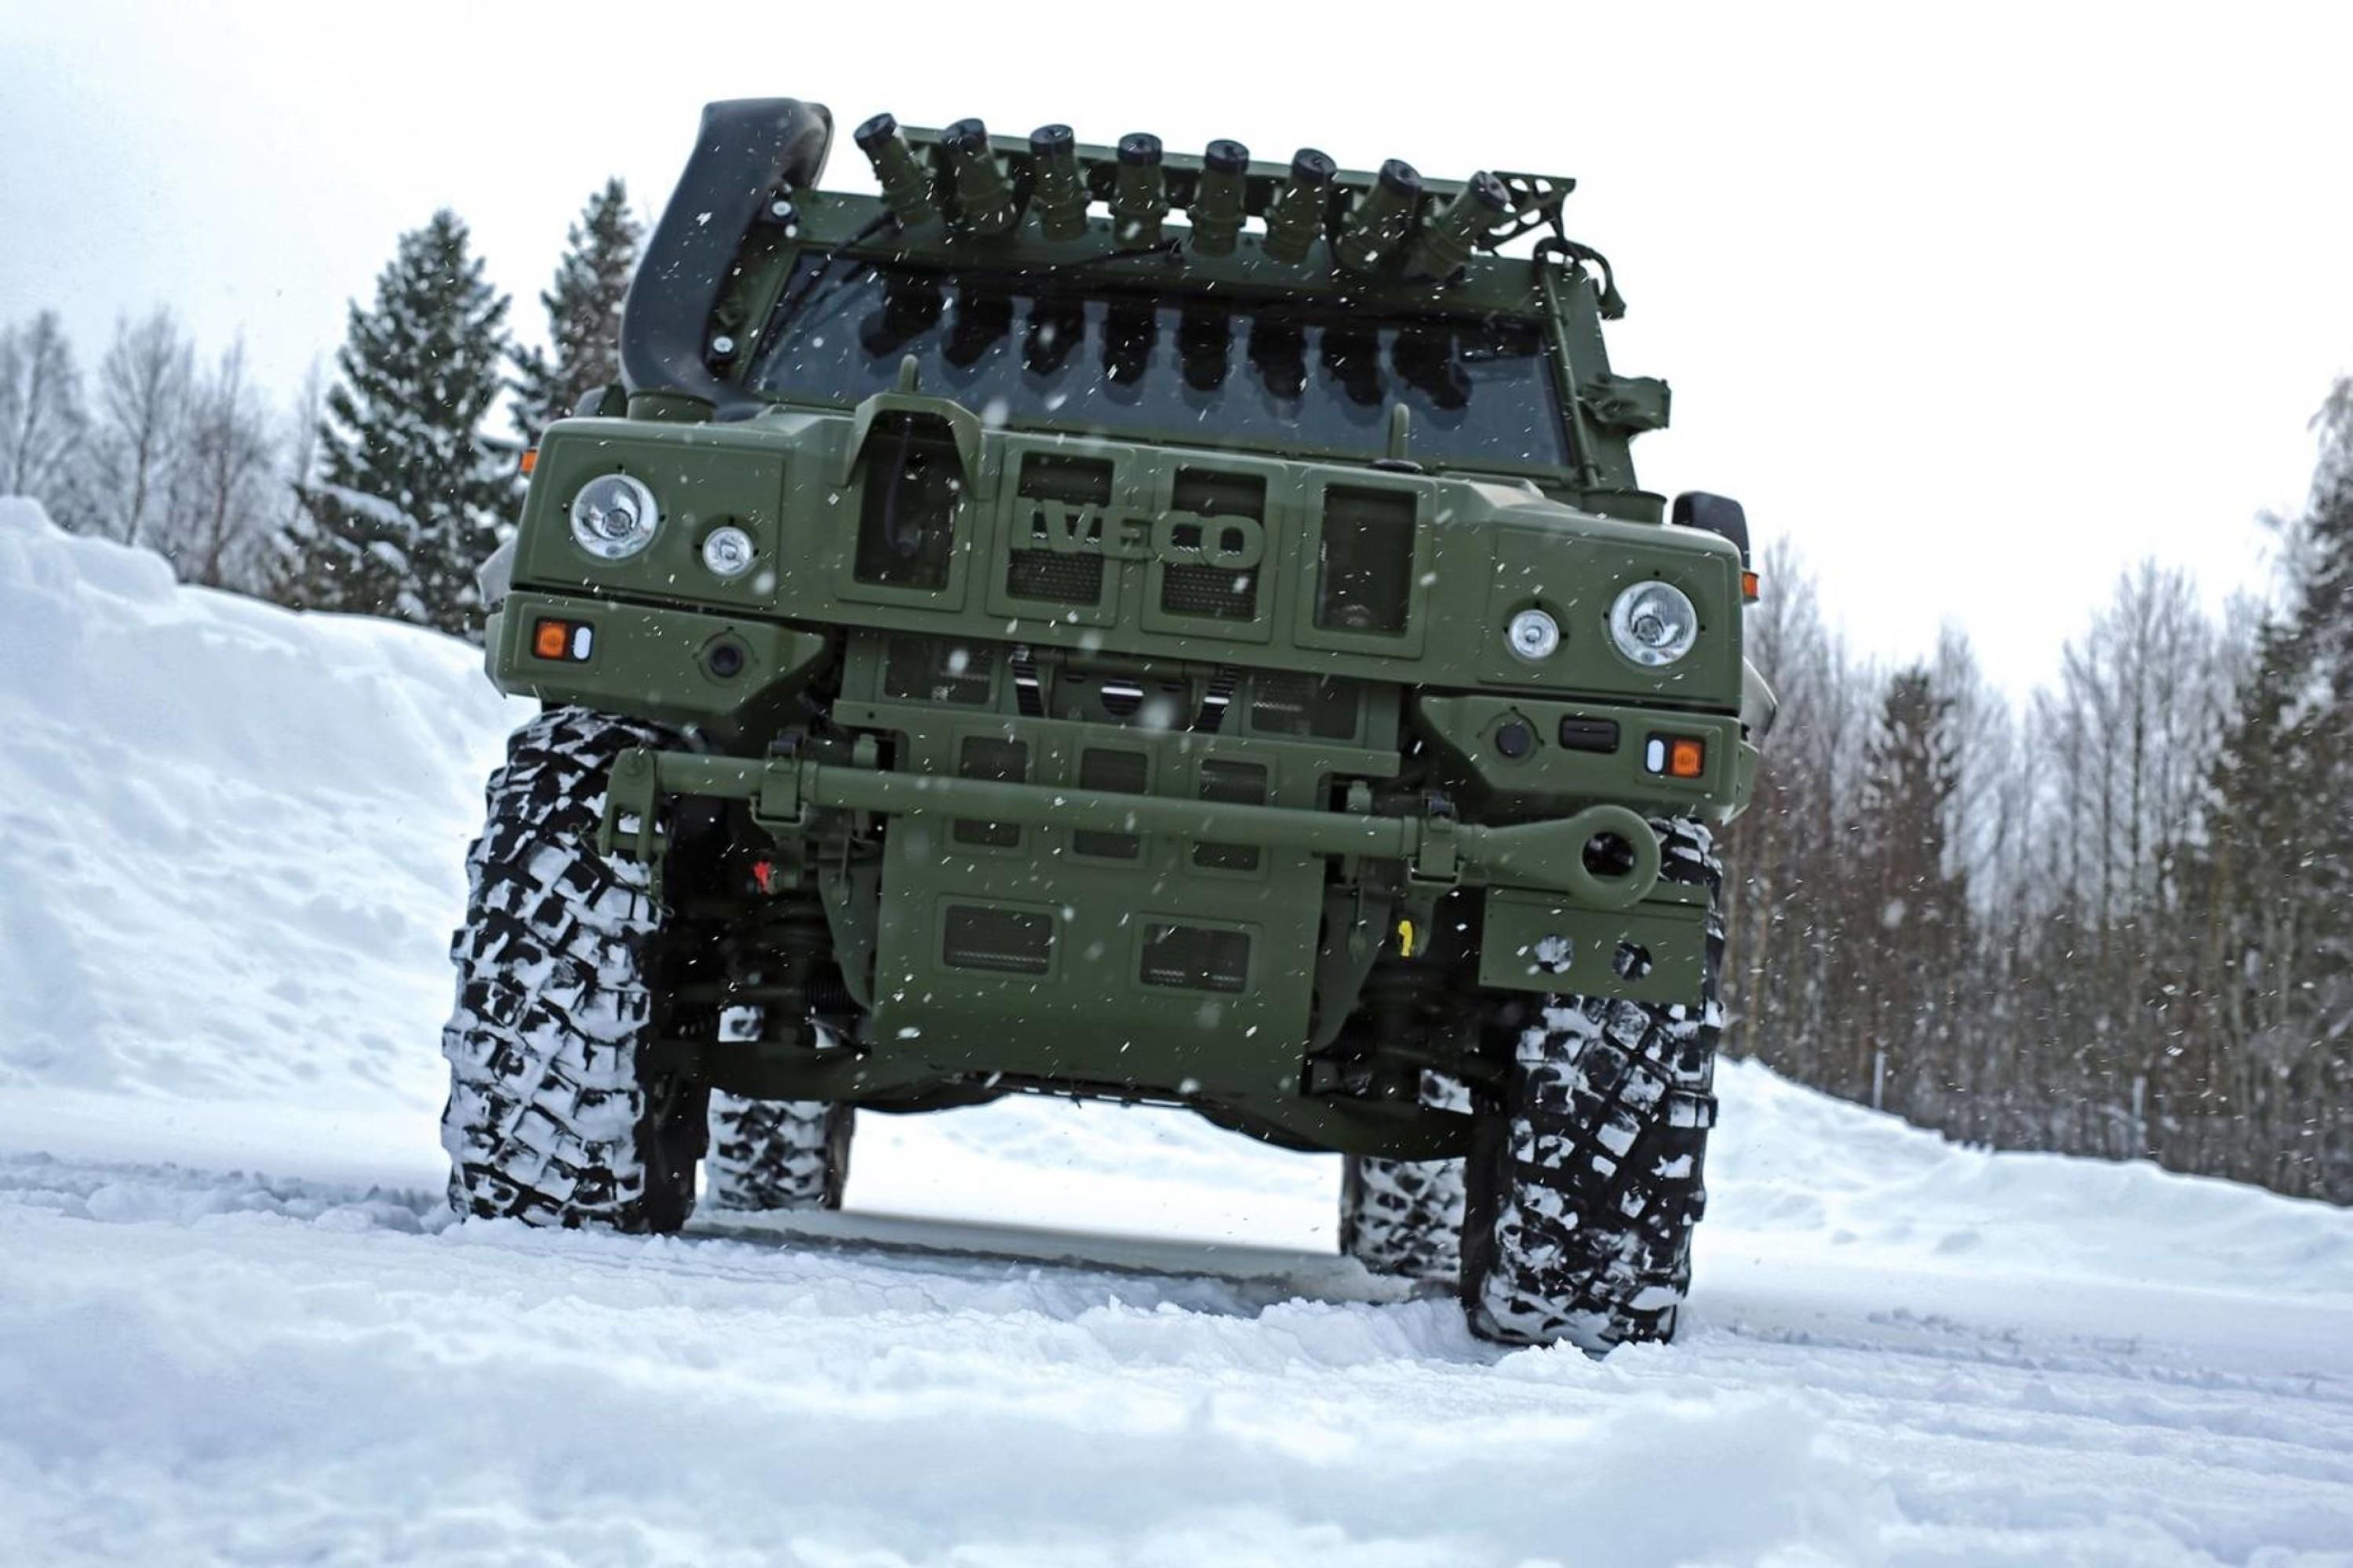 Iveco LMV (light multirole vehicle) startet utviklingen i 1999 og produksjonen startet i 2004.